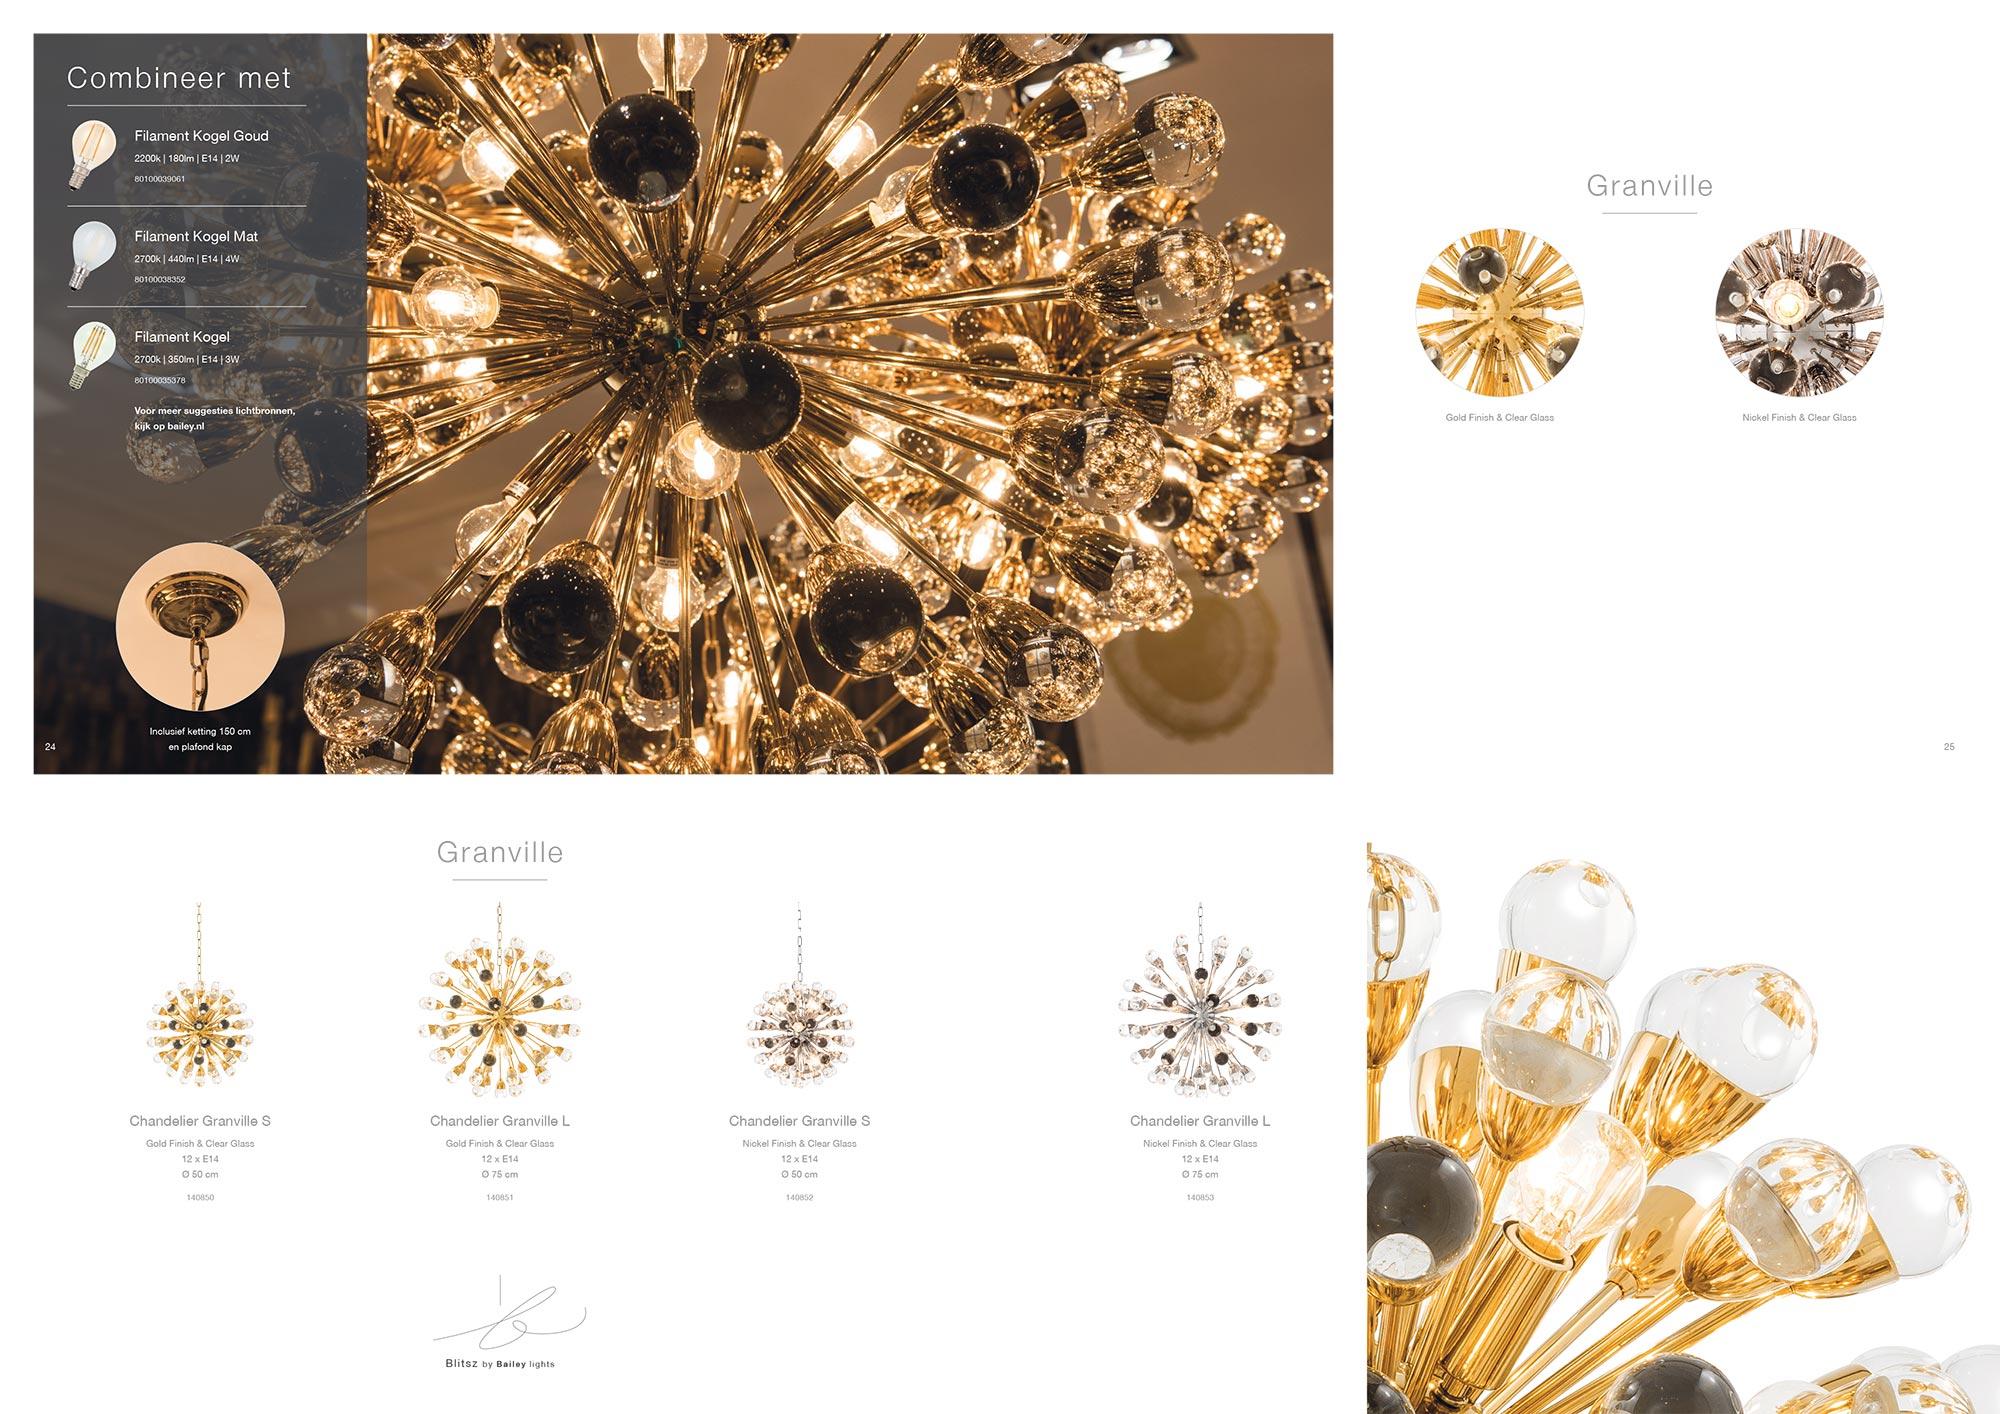 Blitsz catalogus Bailey grafisch drukwerk ontwerp JAgd